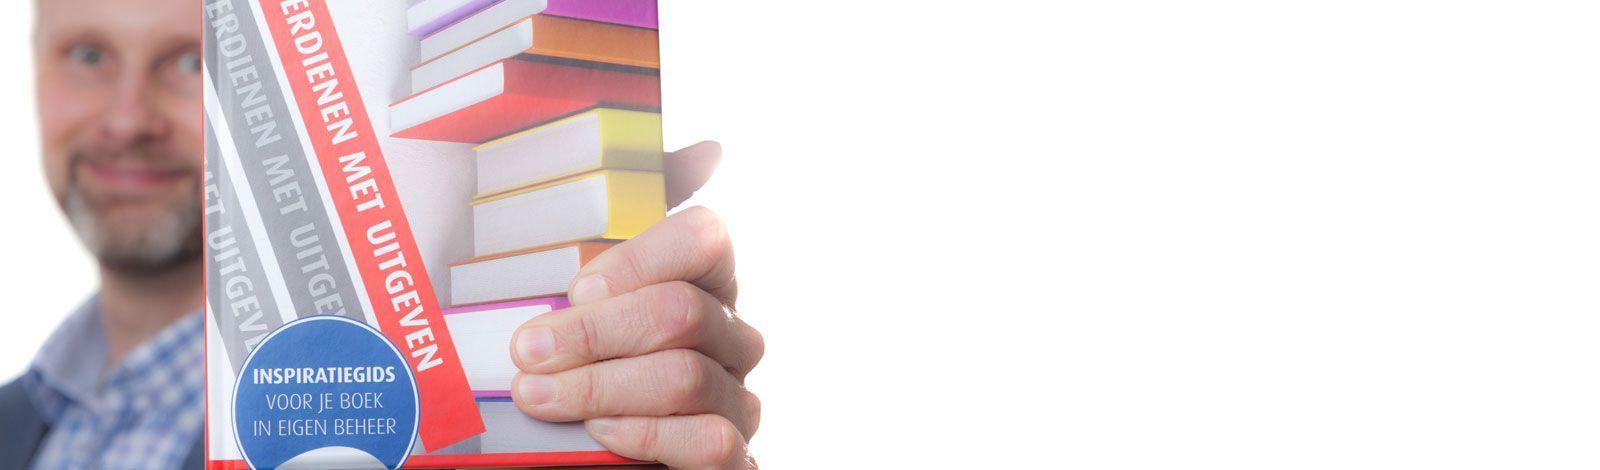 banner-boekenschap-1600-px-maarten-met-boek-2